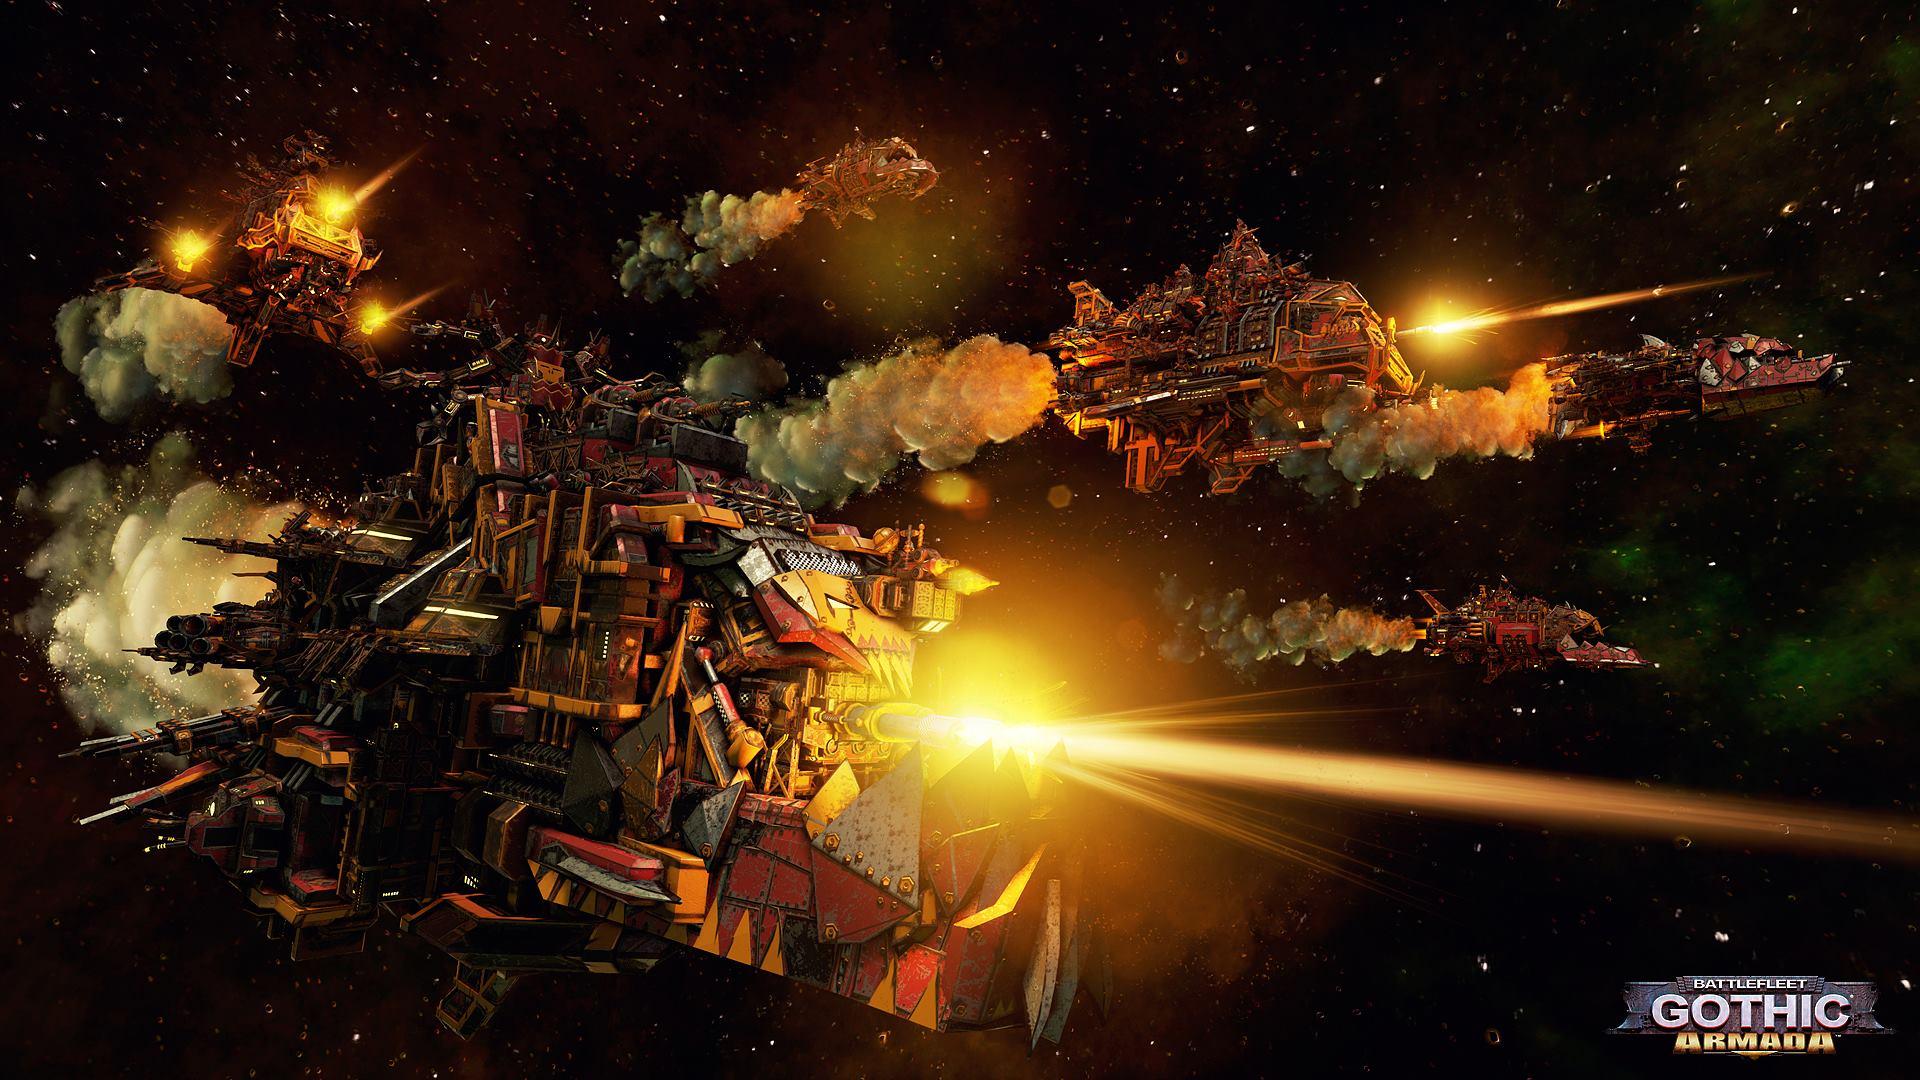 Krásné obrázky z Battlefleet Gothic: Armada 115588